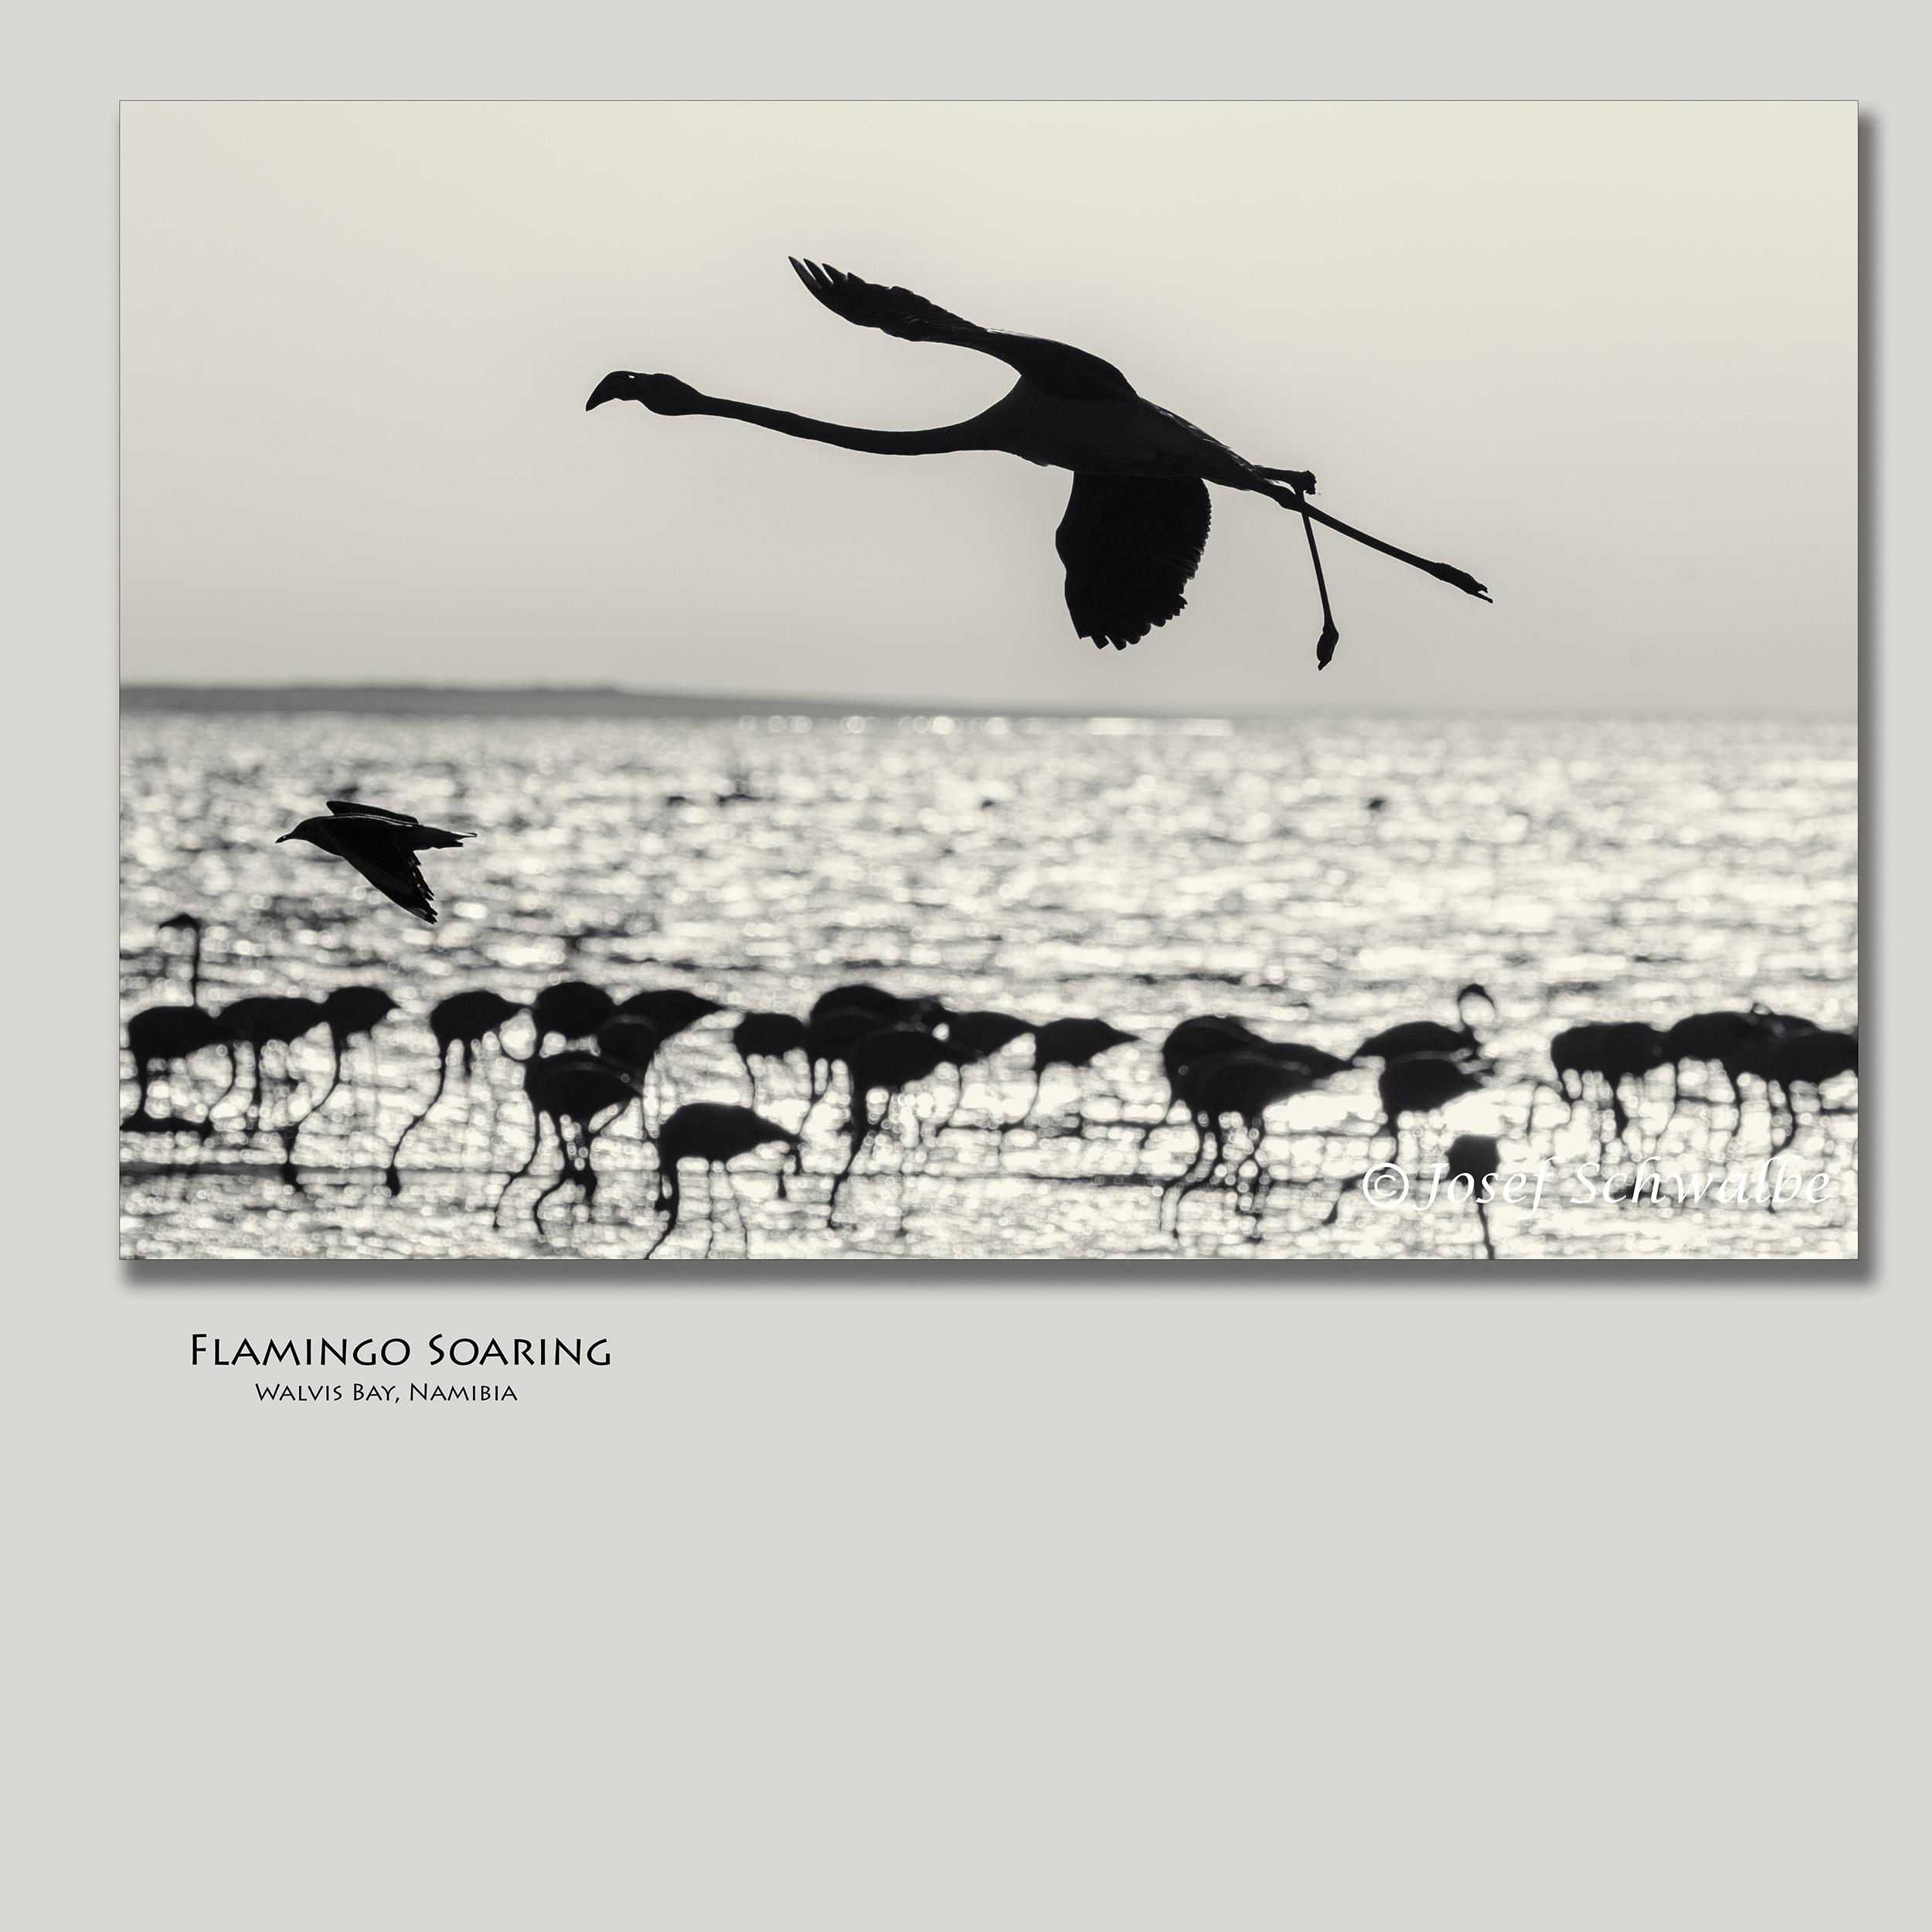 FlamingoSoaring.jpg